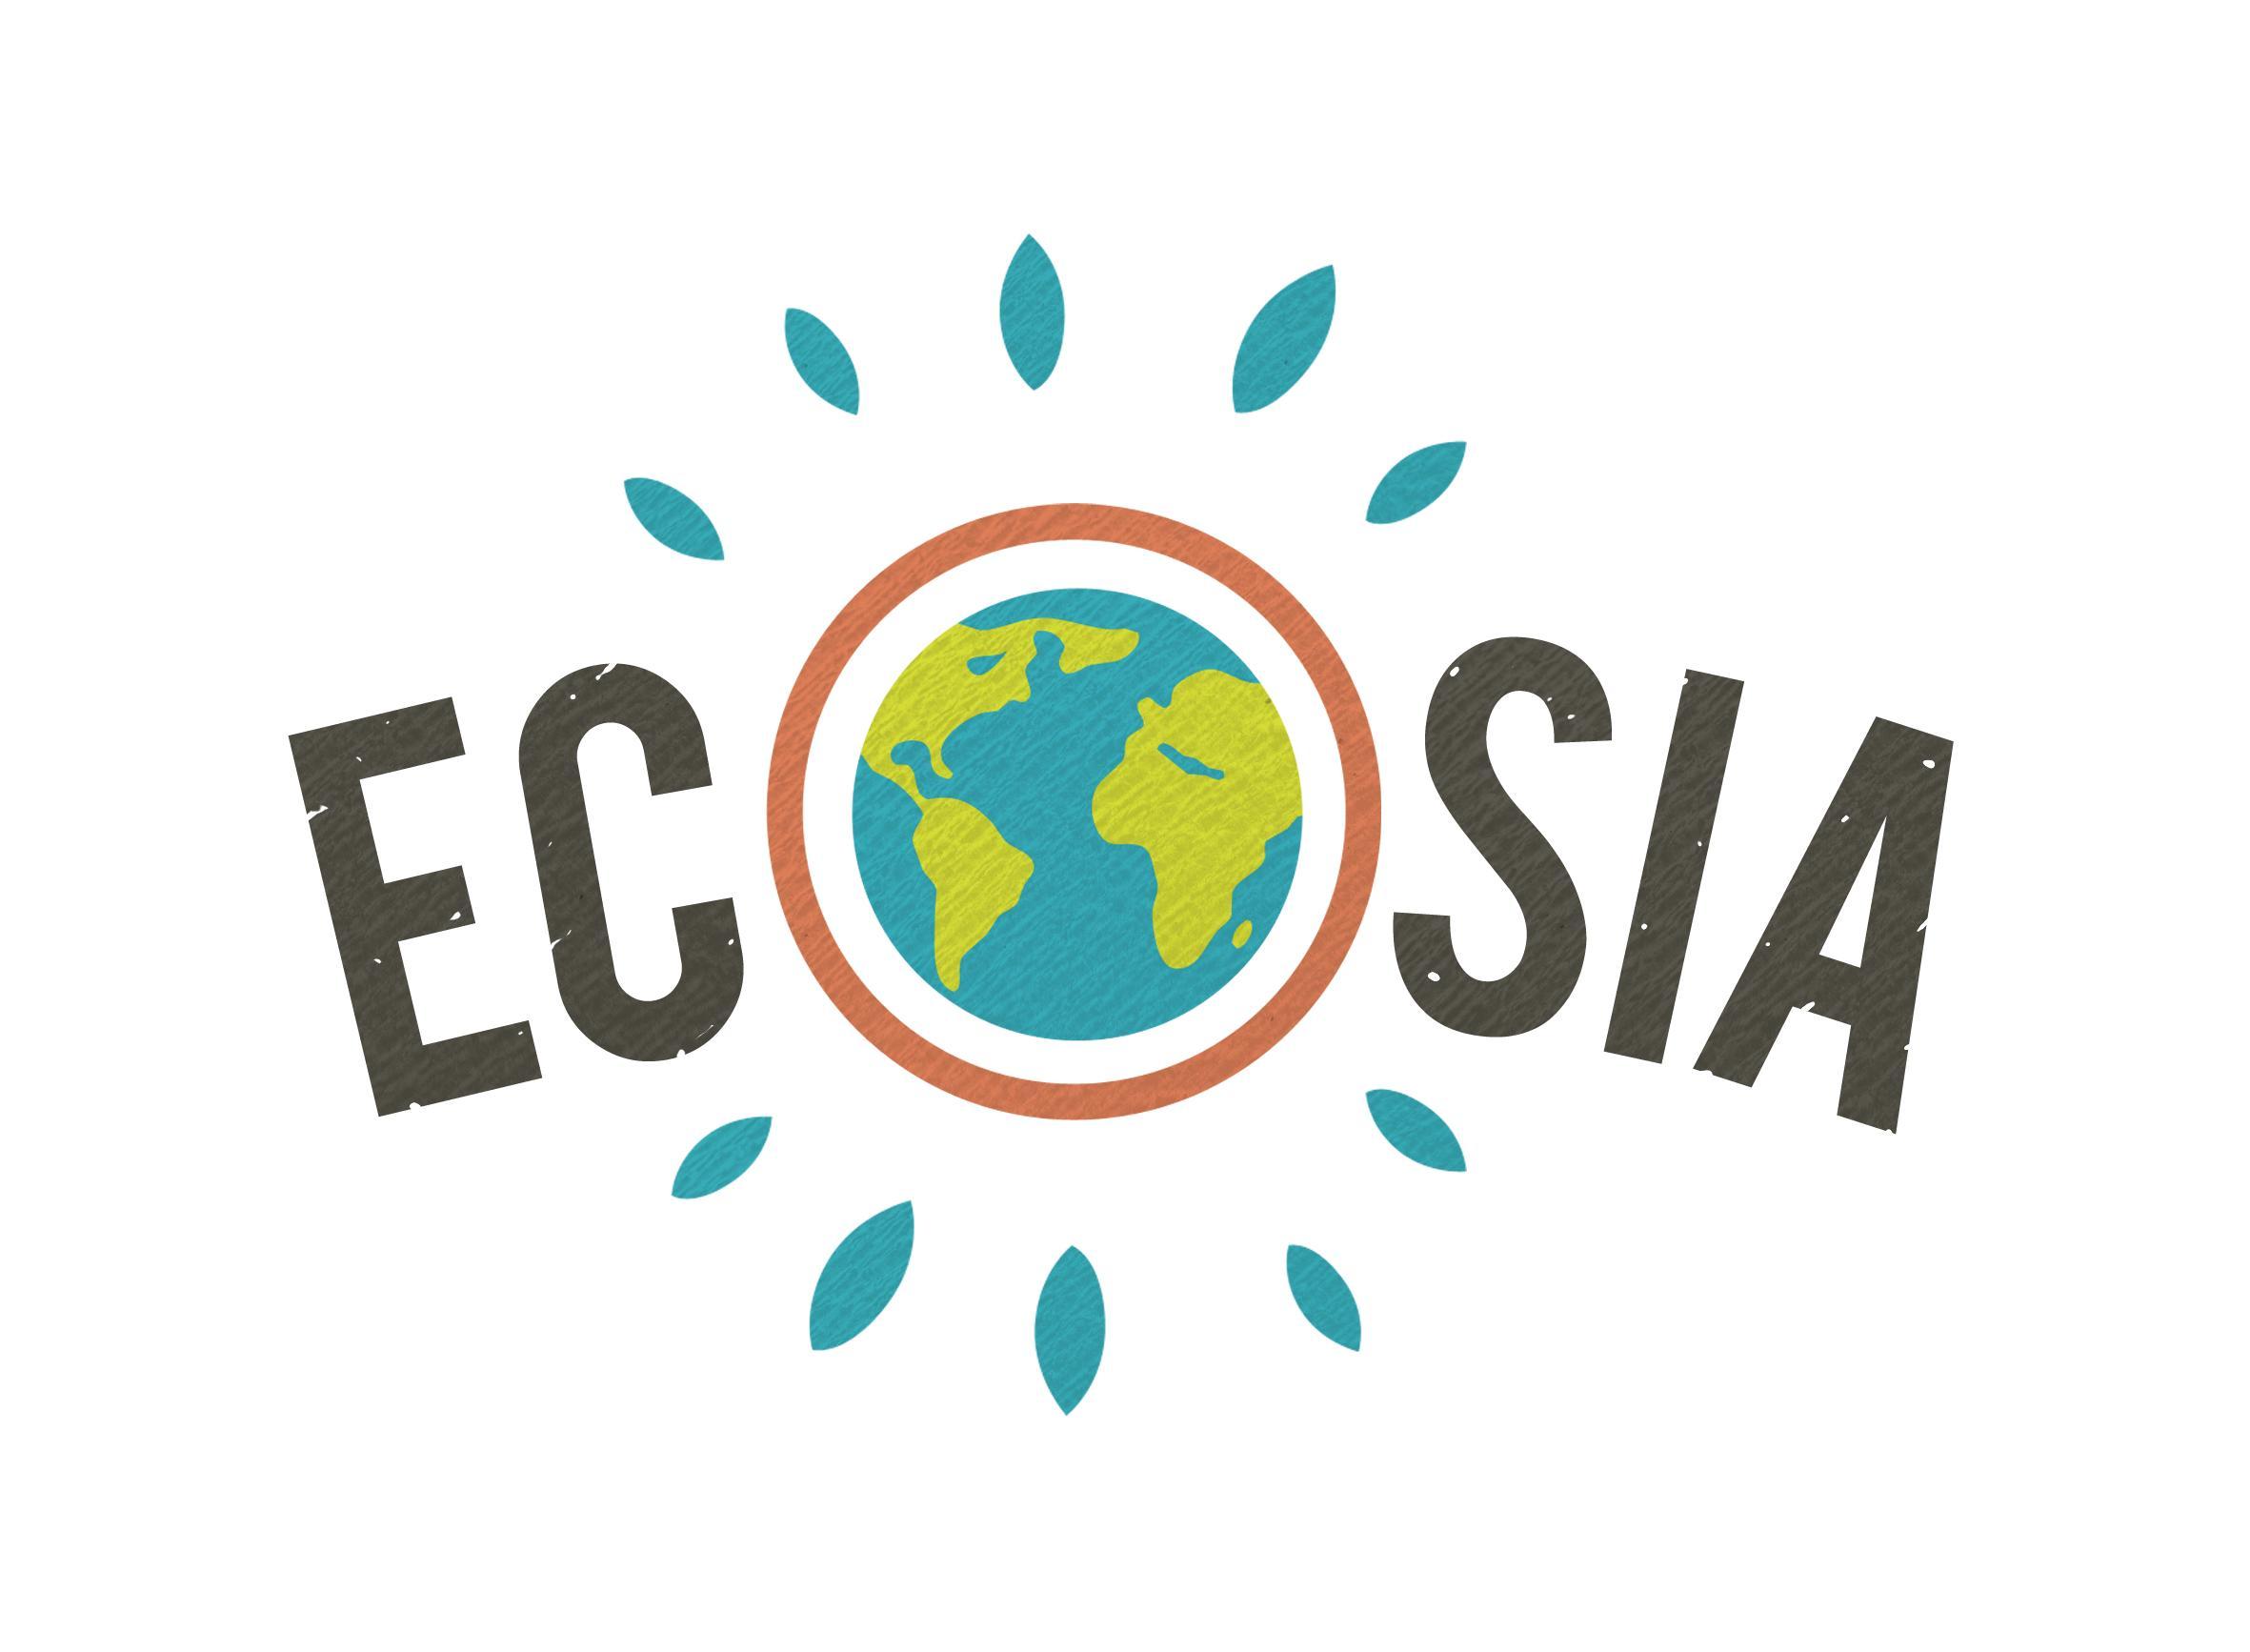 """Endlich eine Google-Alternative: Ecosia.org startet """"Suchmaschine die BŠume pflanzt"""" / Die grŸne Suchmaschine will innerhalb eines Jahres eine Million BŠume pflanzen"""